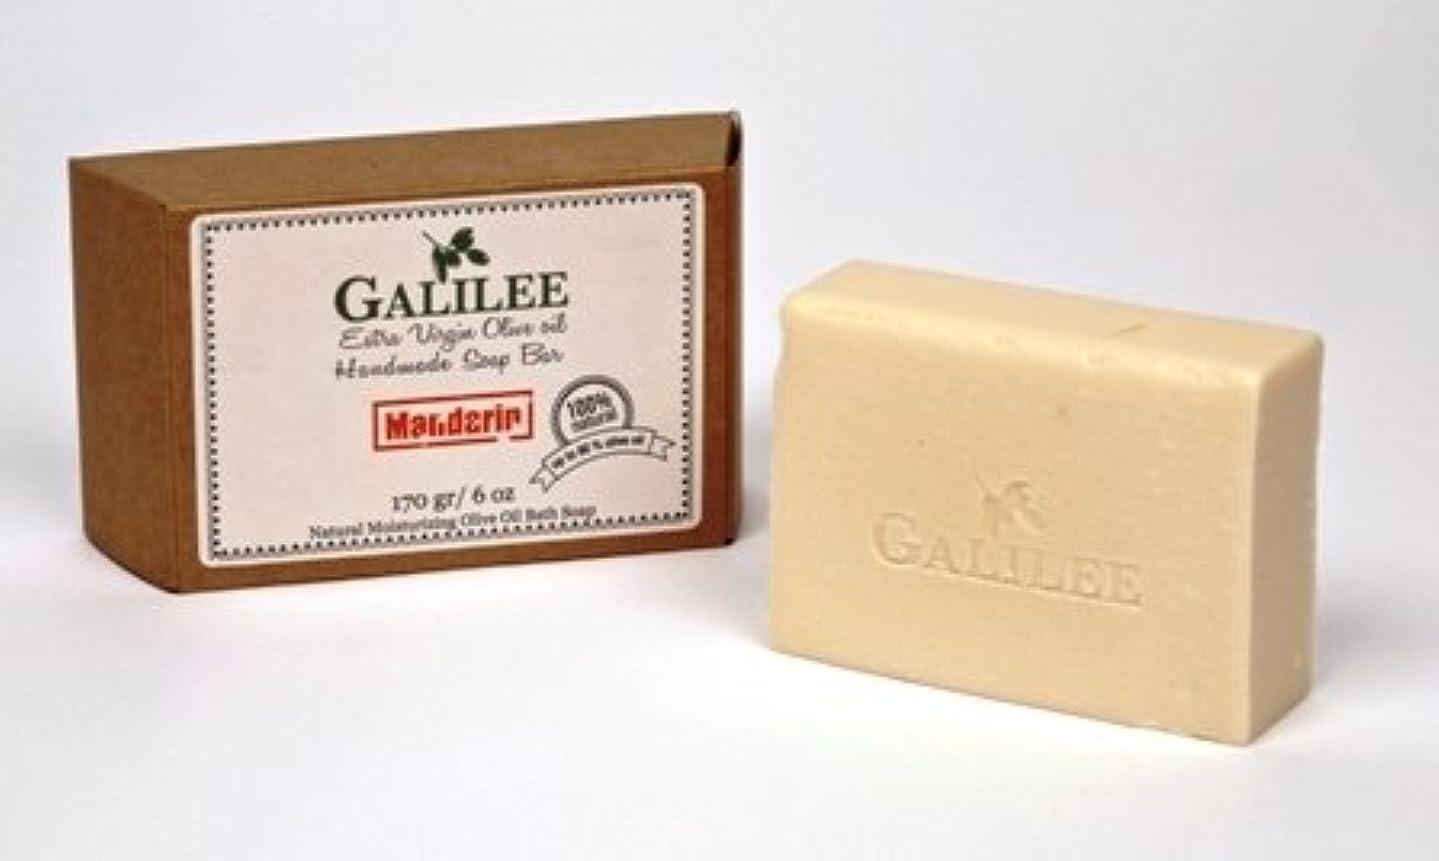 謙虚豆腐戦うGalilee Olive Oil Soap ガリラヤオリーブオイルソープバー 6oz ローズマリーミント&オリーブオイル